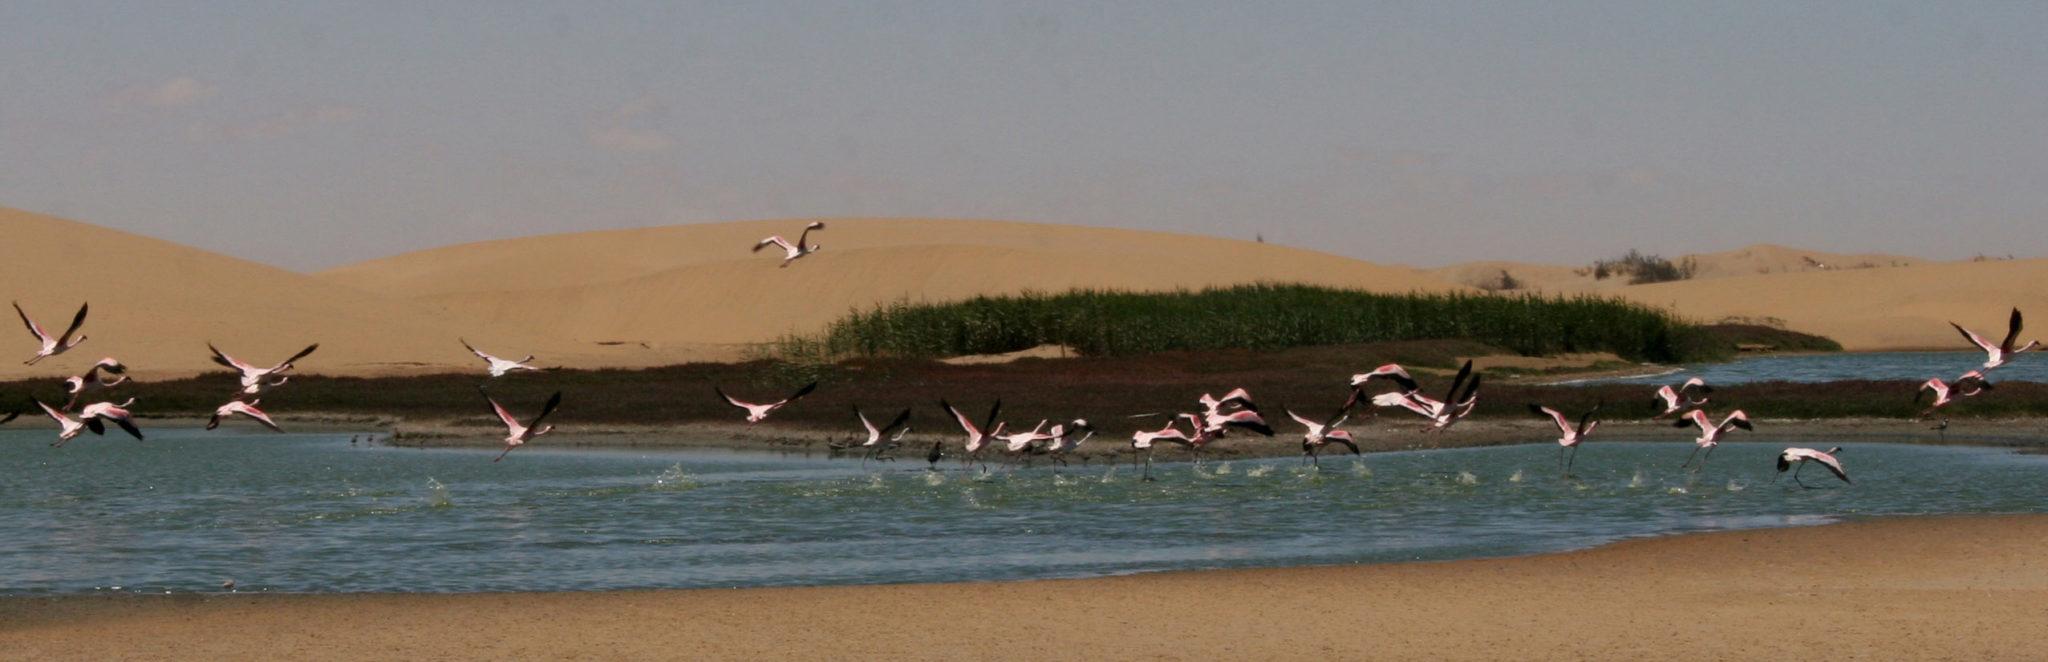 Птичий санктуарий в окрестностях Уолфиш-Бея. Фотография Н. Вихрева